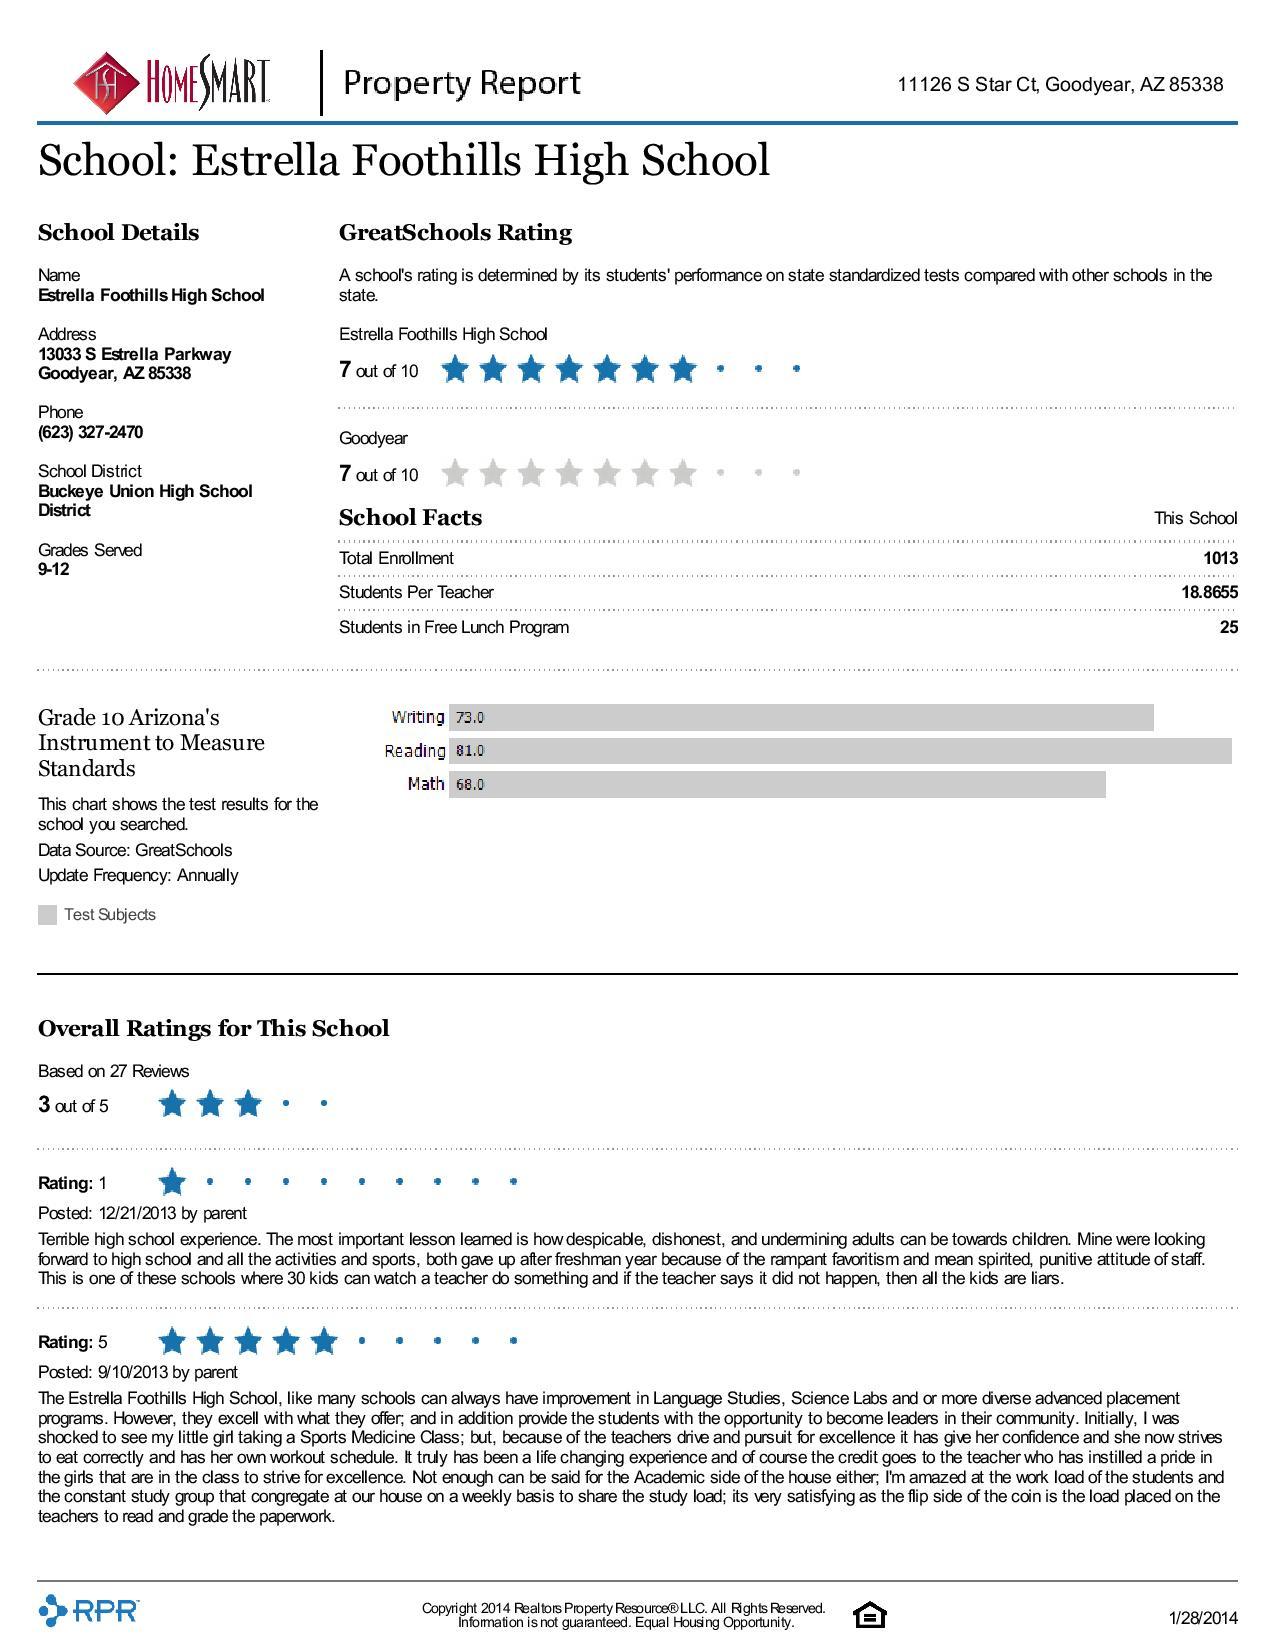 11126-S-Star-Ct-Goodyear-AZ-85338.pdf-page-008